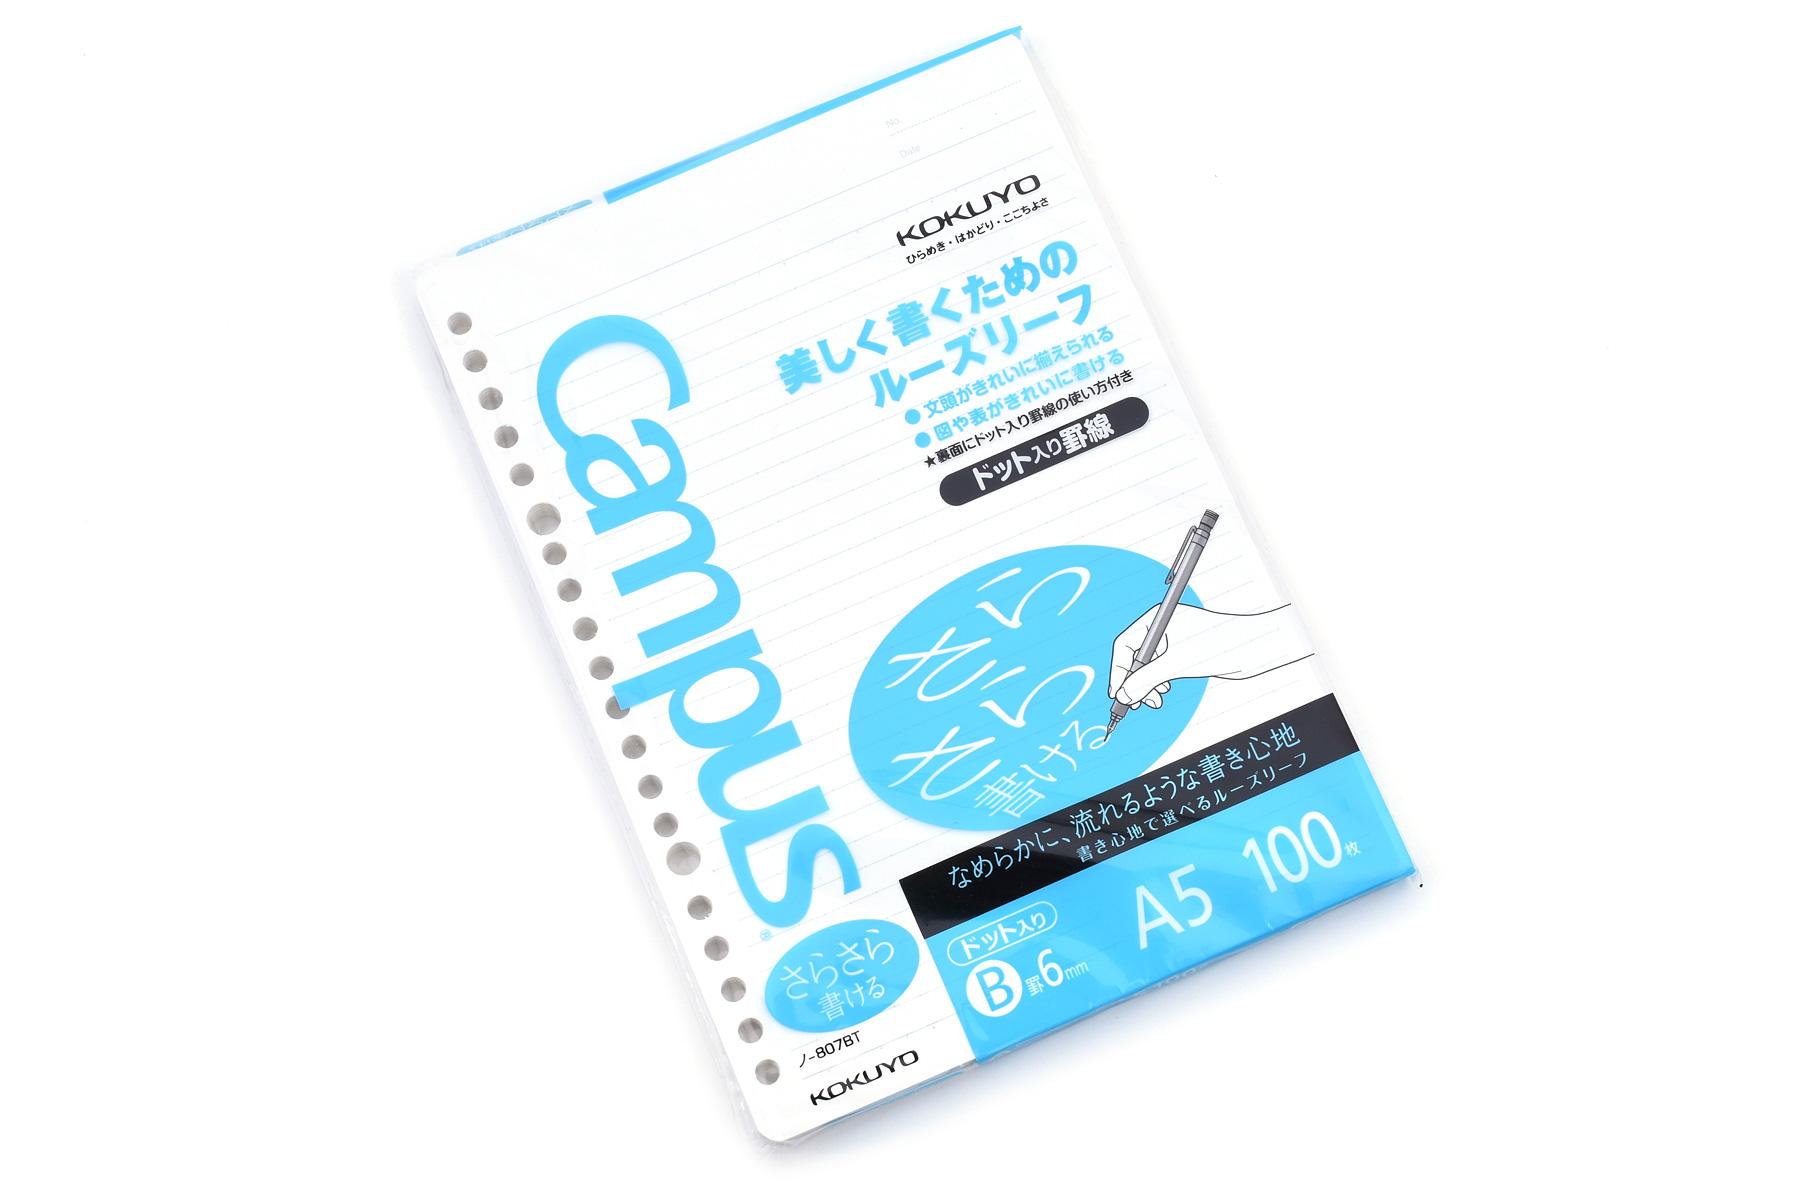 Kokuyo Campus Loose Leaf Paper - Sarasara - A5 - Dotted 6 mm Rule - 20 Holes - 100 Sheets - KOKUYO NO-807BT